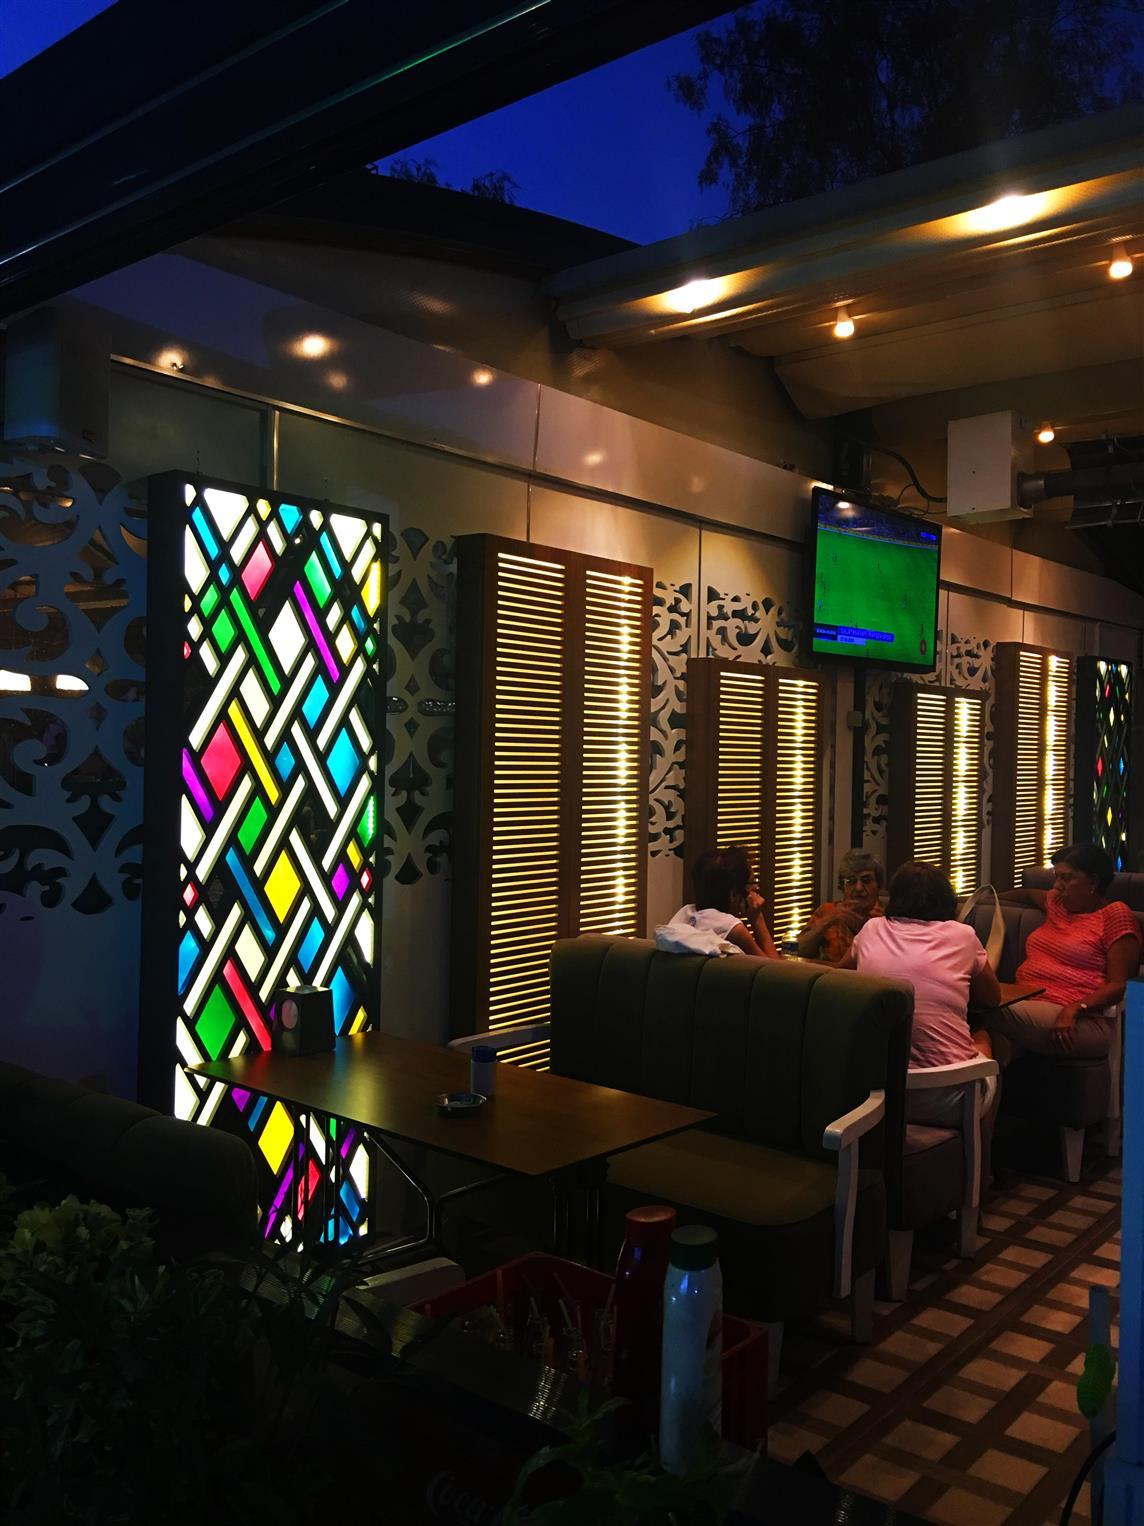 kahve-denizi-cafe-restaurant2017122118459650.jpg izmir vitray çalışması